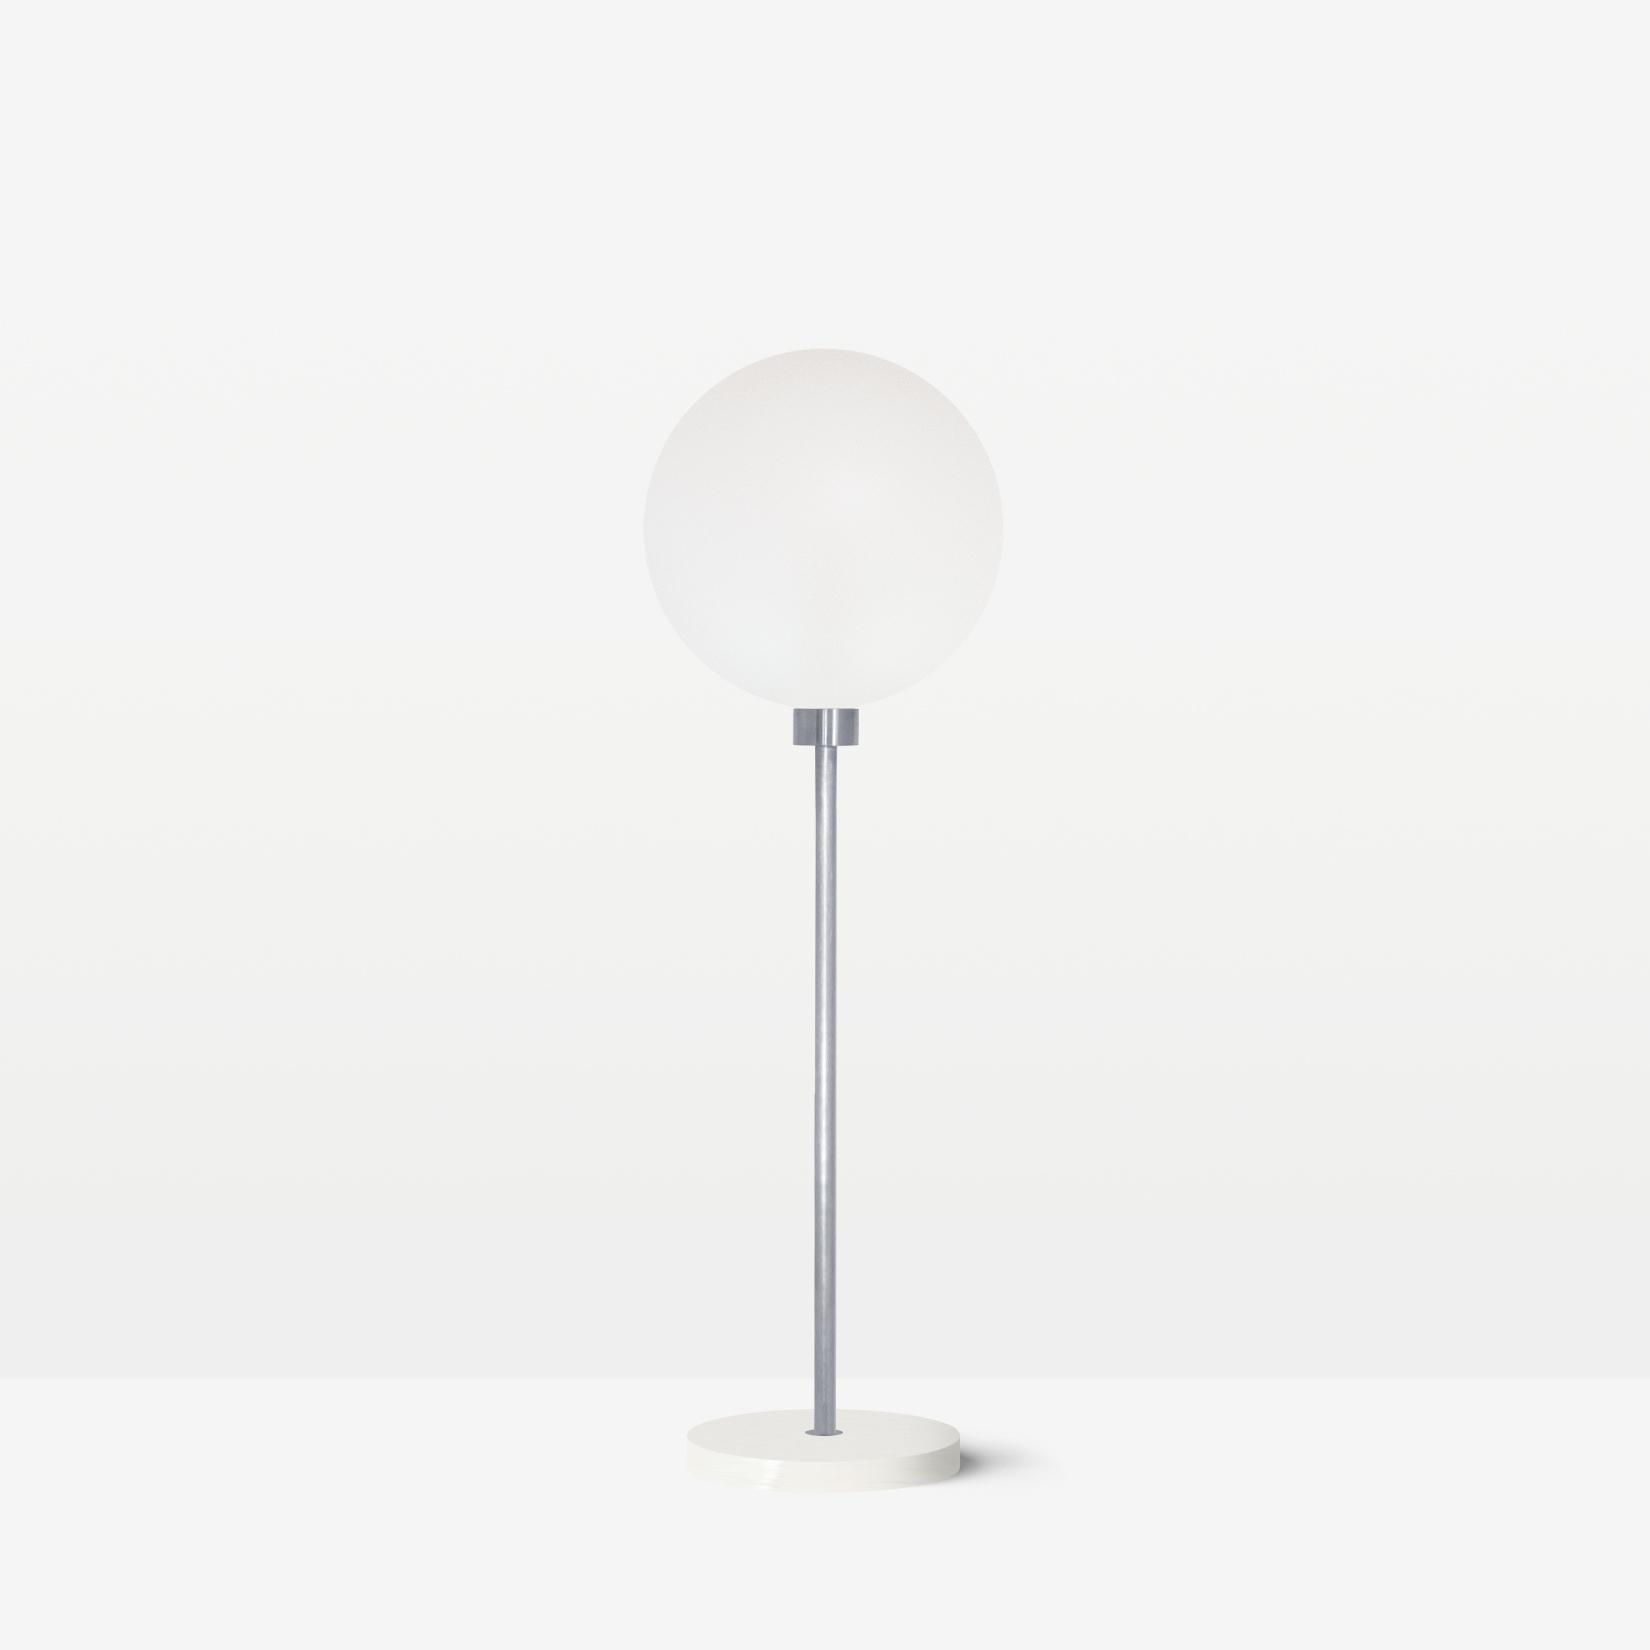 Светильник настольный Onis белый мрамор - вид 3